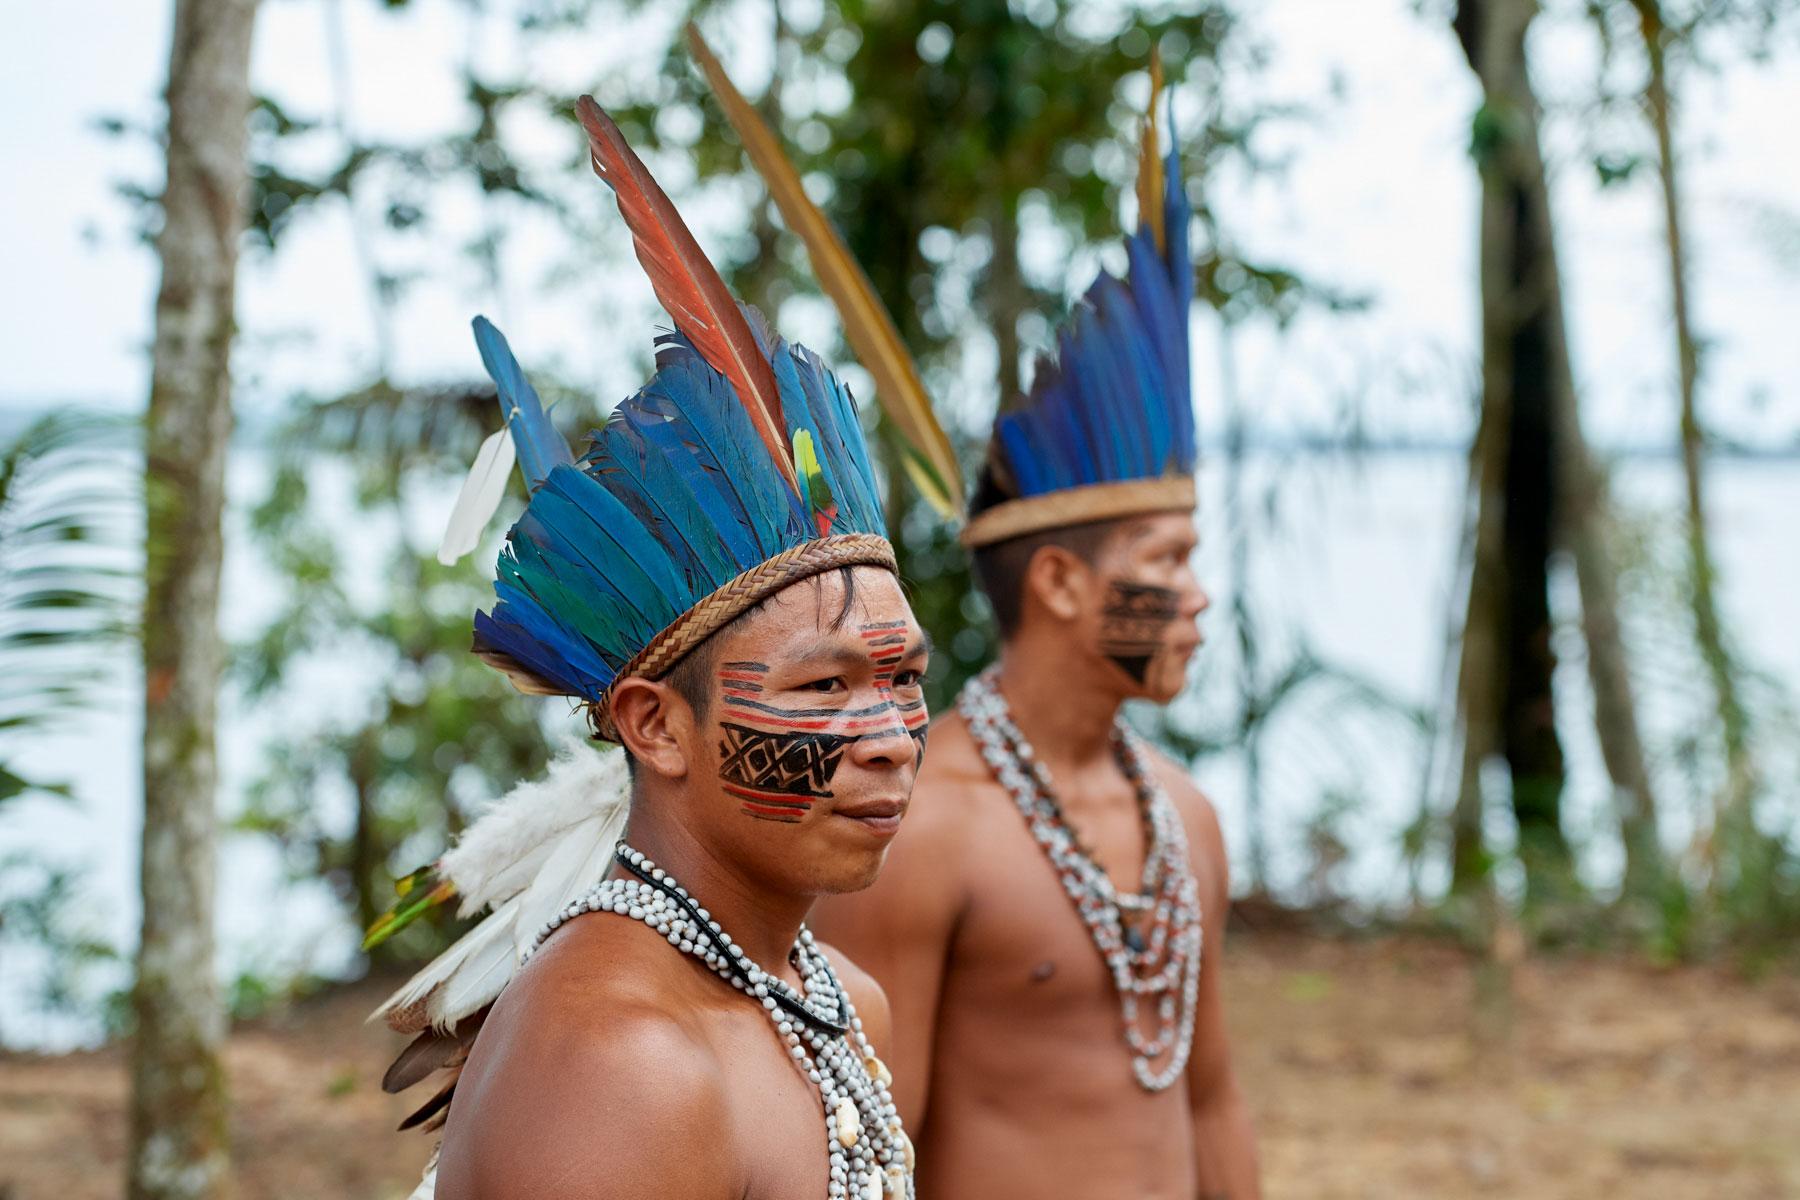 Portrait zweier jungen Indigos mit Kopfschmuck und Bemalung beim Gespräch